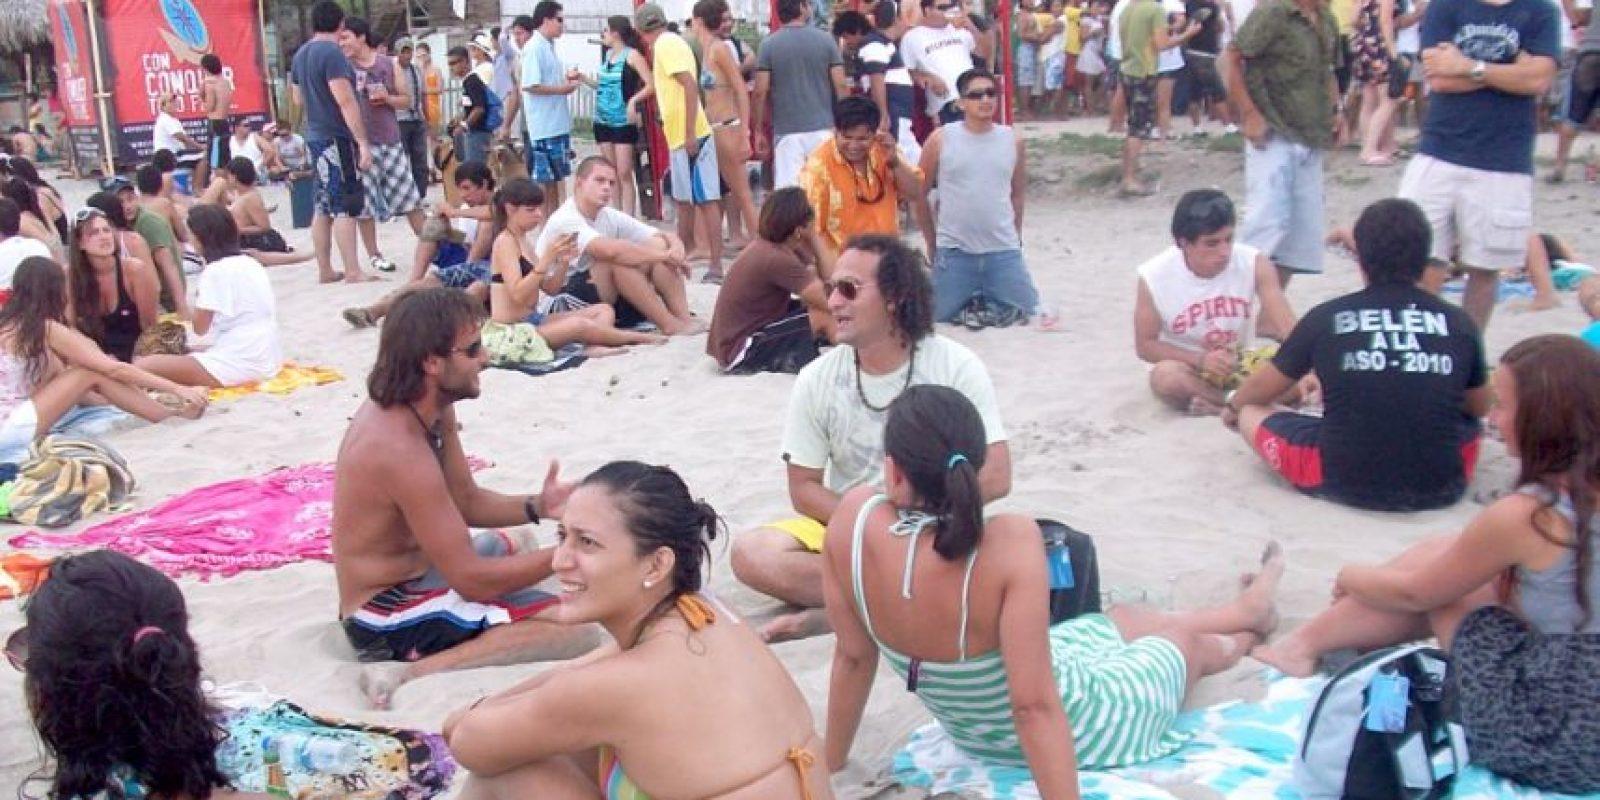 Se ubica en las costas ecuatorianas Foto:Flickr.com